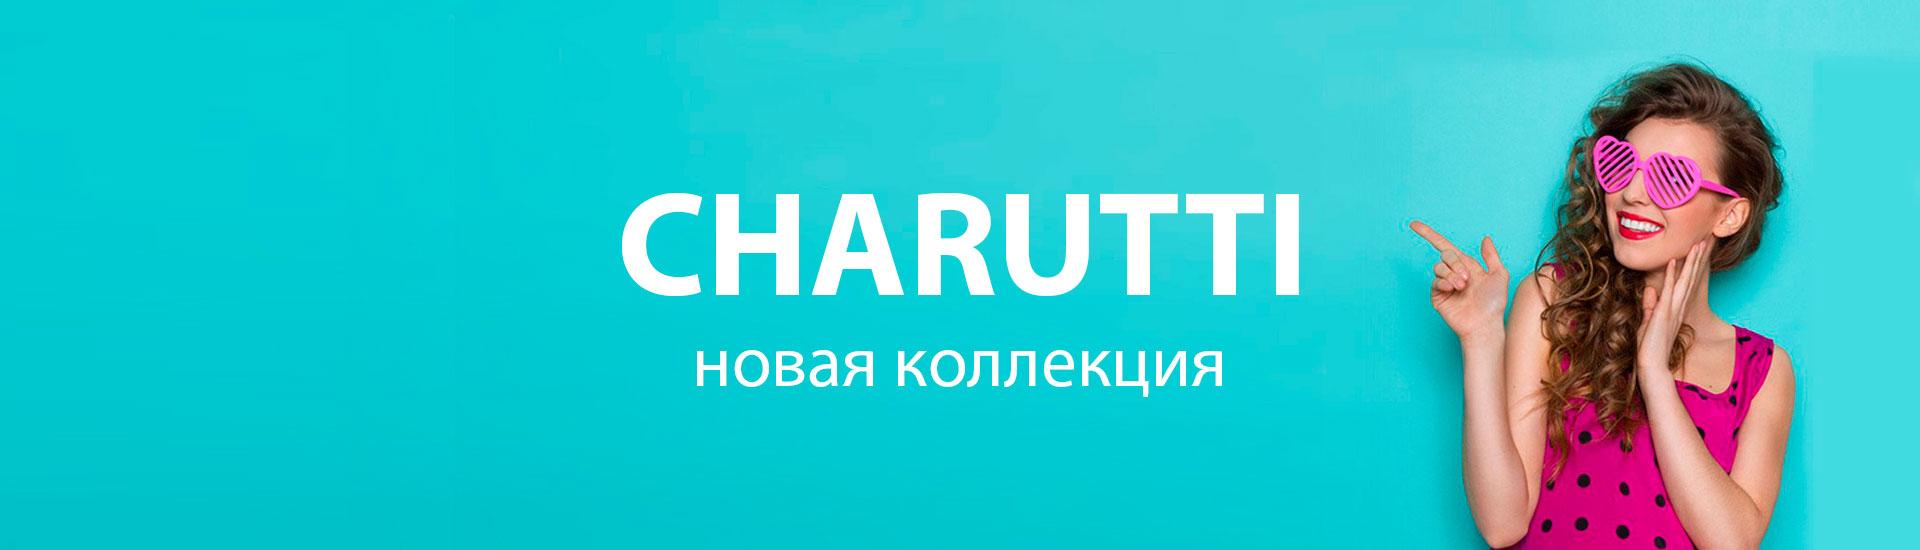 74007321f9e Новая коллекция женской одежды CHARUTTI. Бесплатная доставка ...